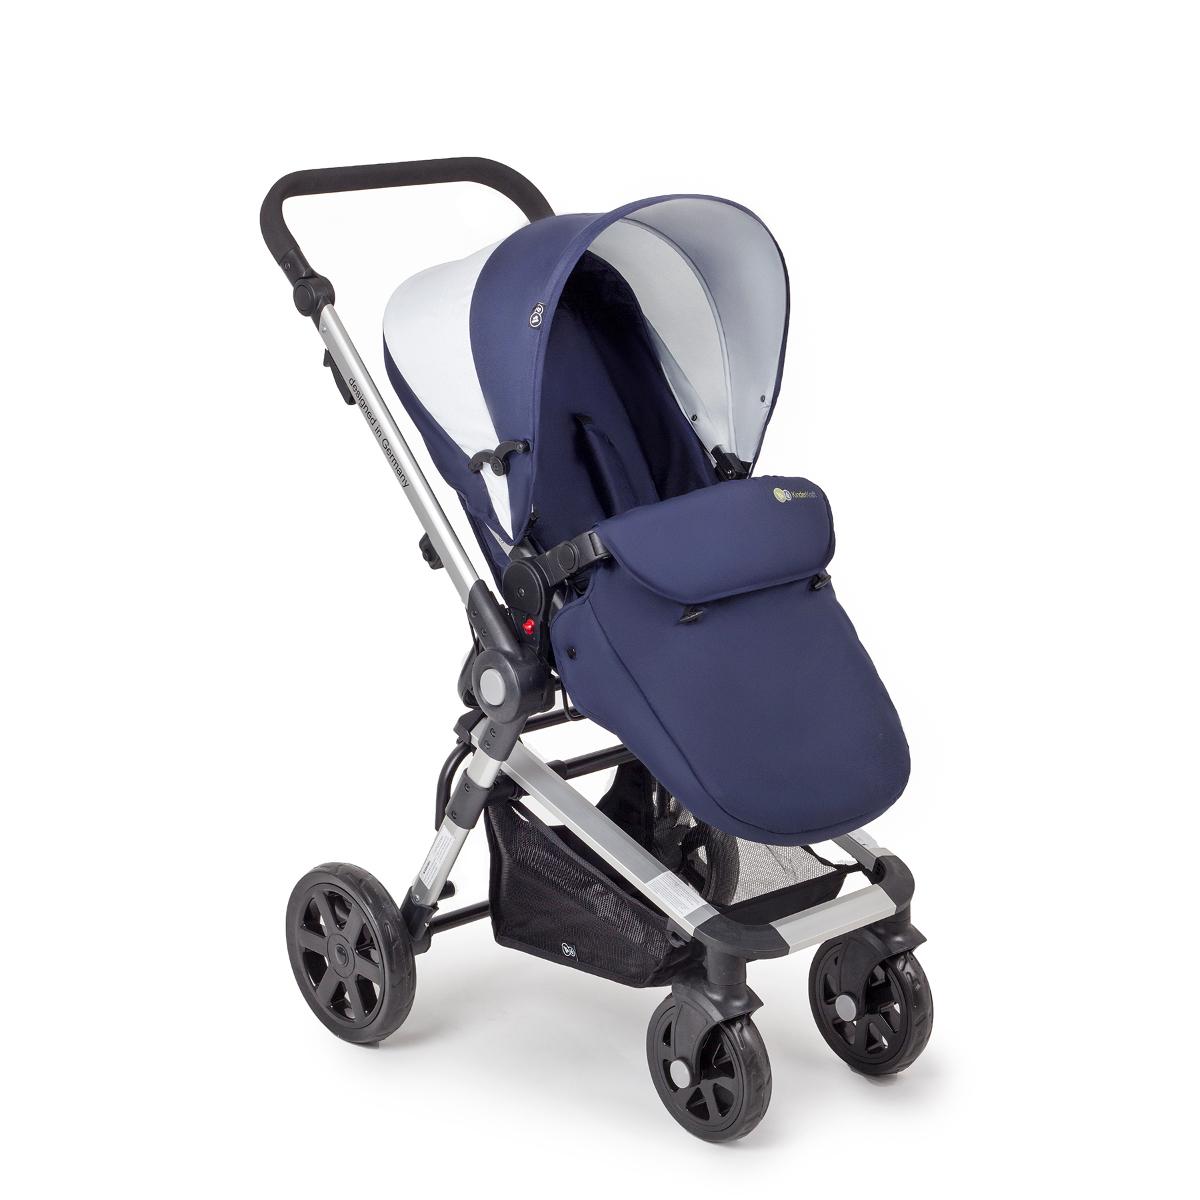 Carrito de beb combi coche ni os buggy silla portabeb s for Ofertas de sillas de coche para ninos